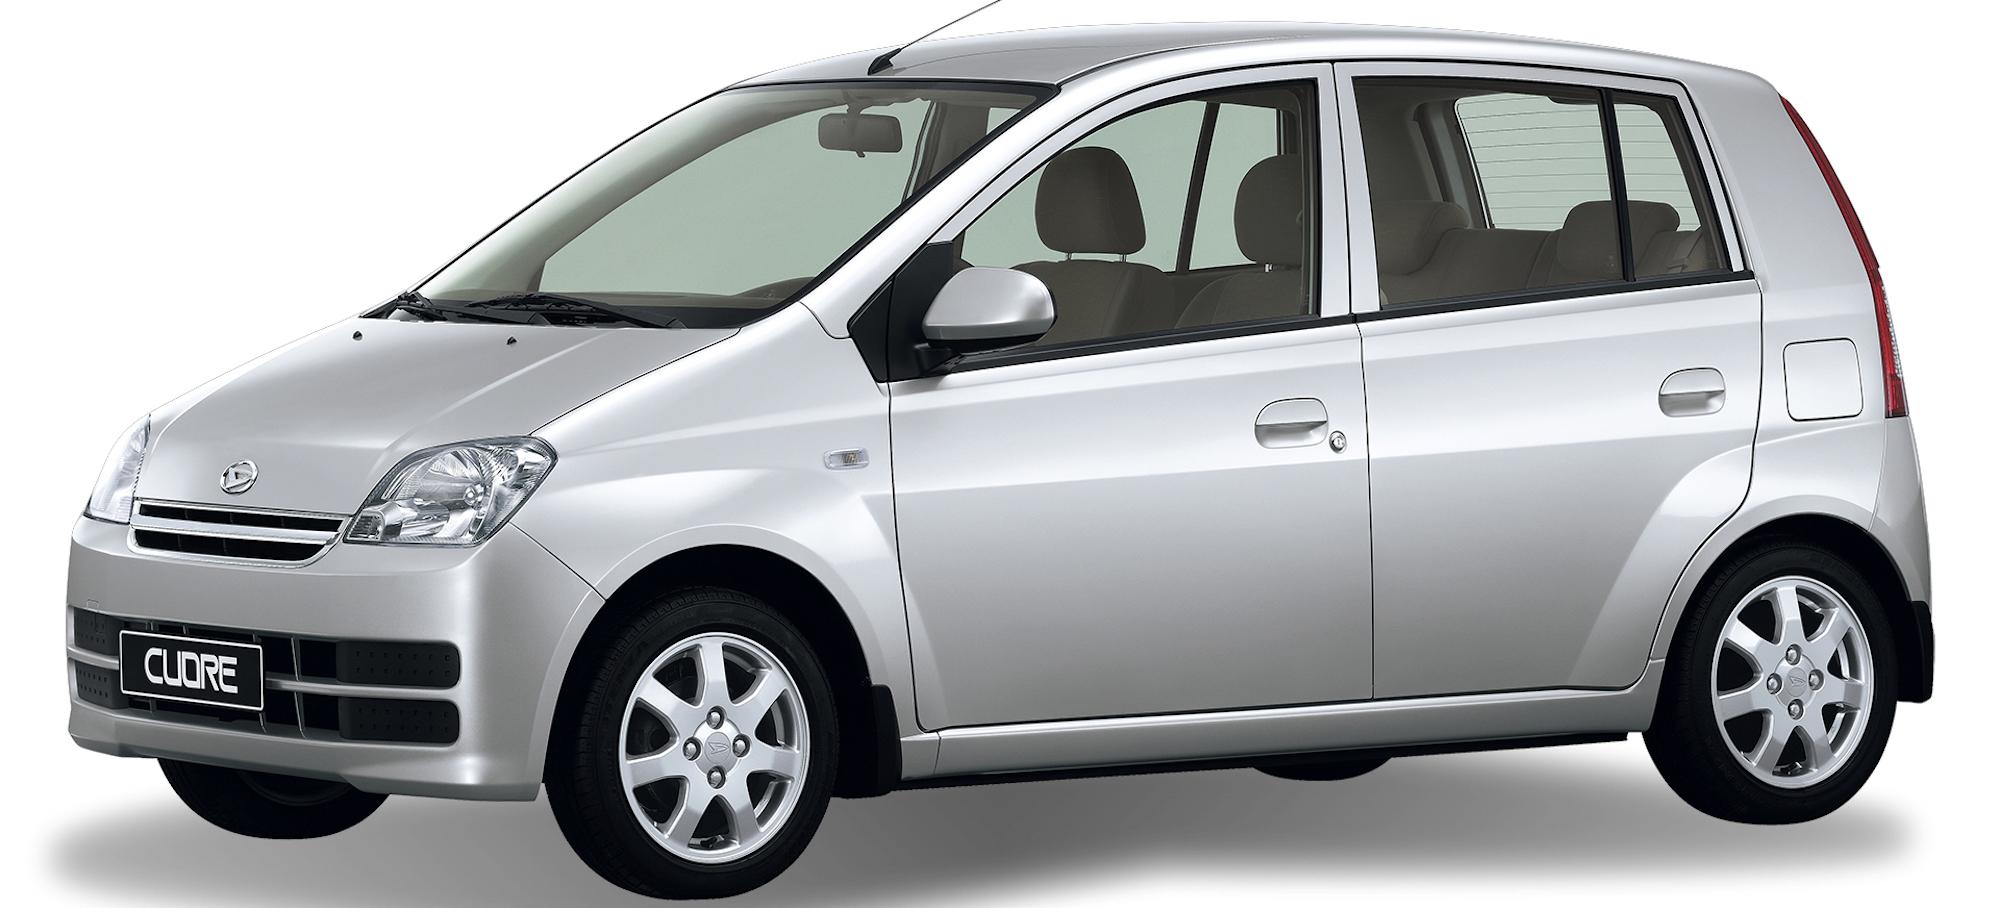 Daihatsu Cuore L251 (2003-2007)